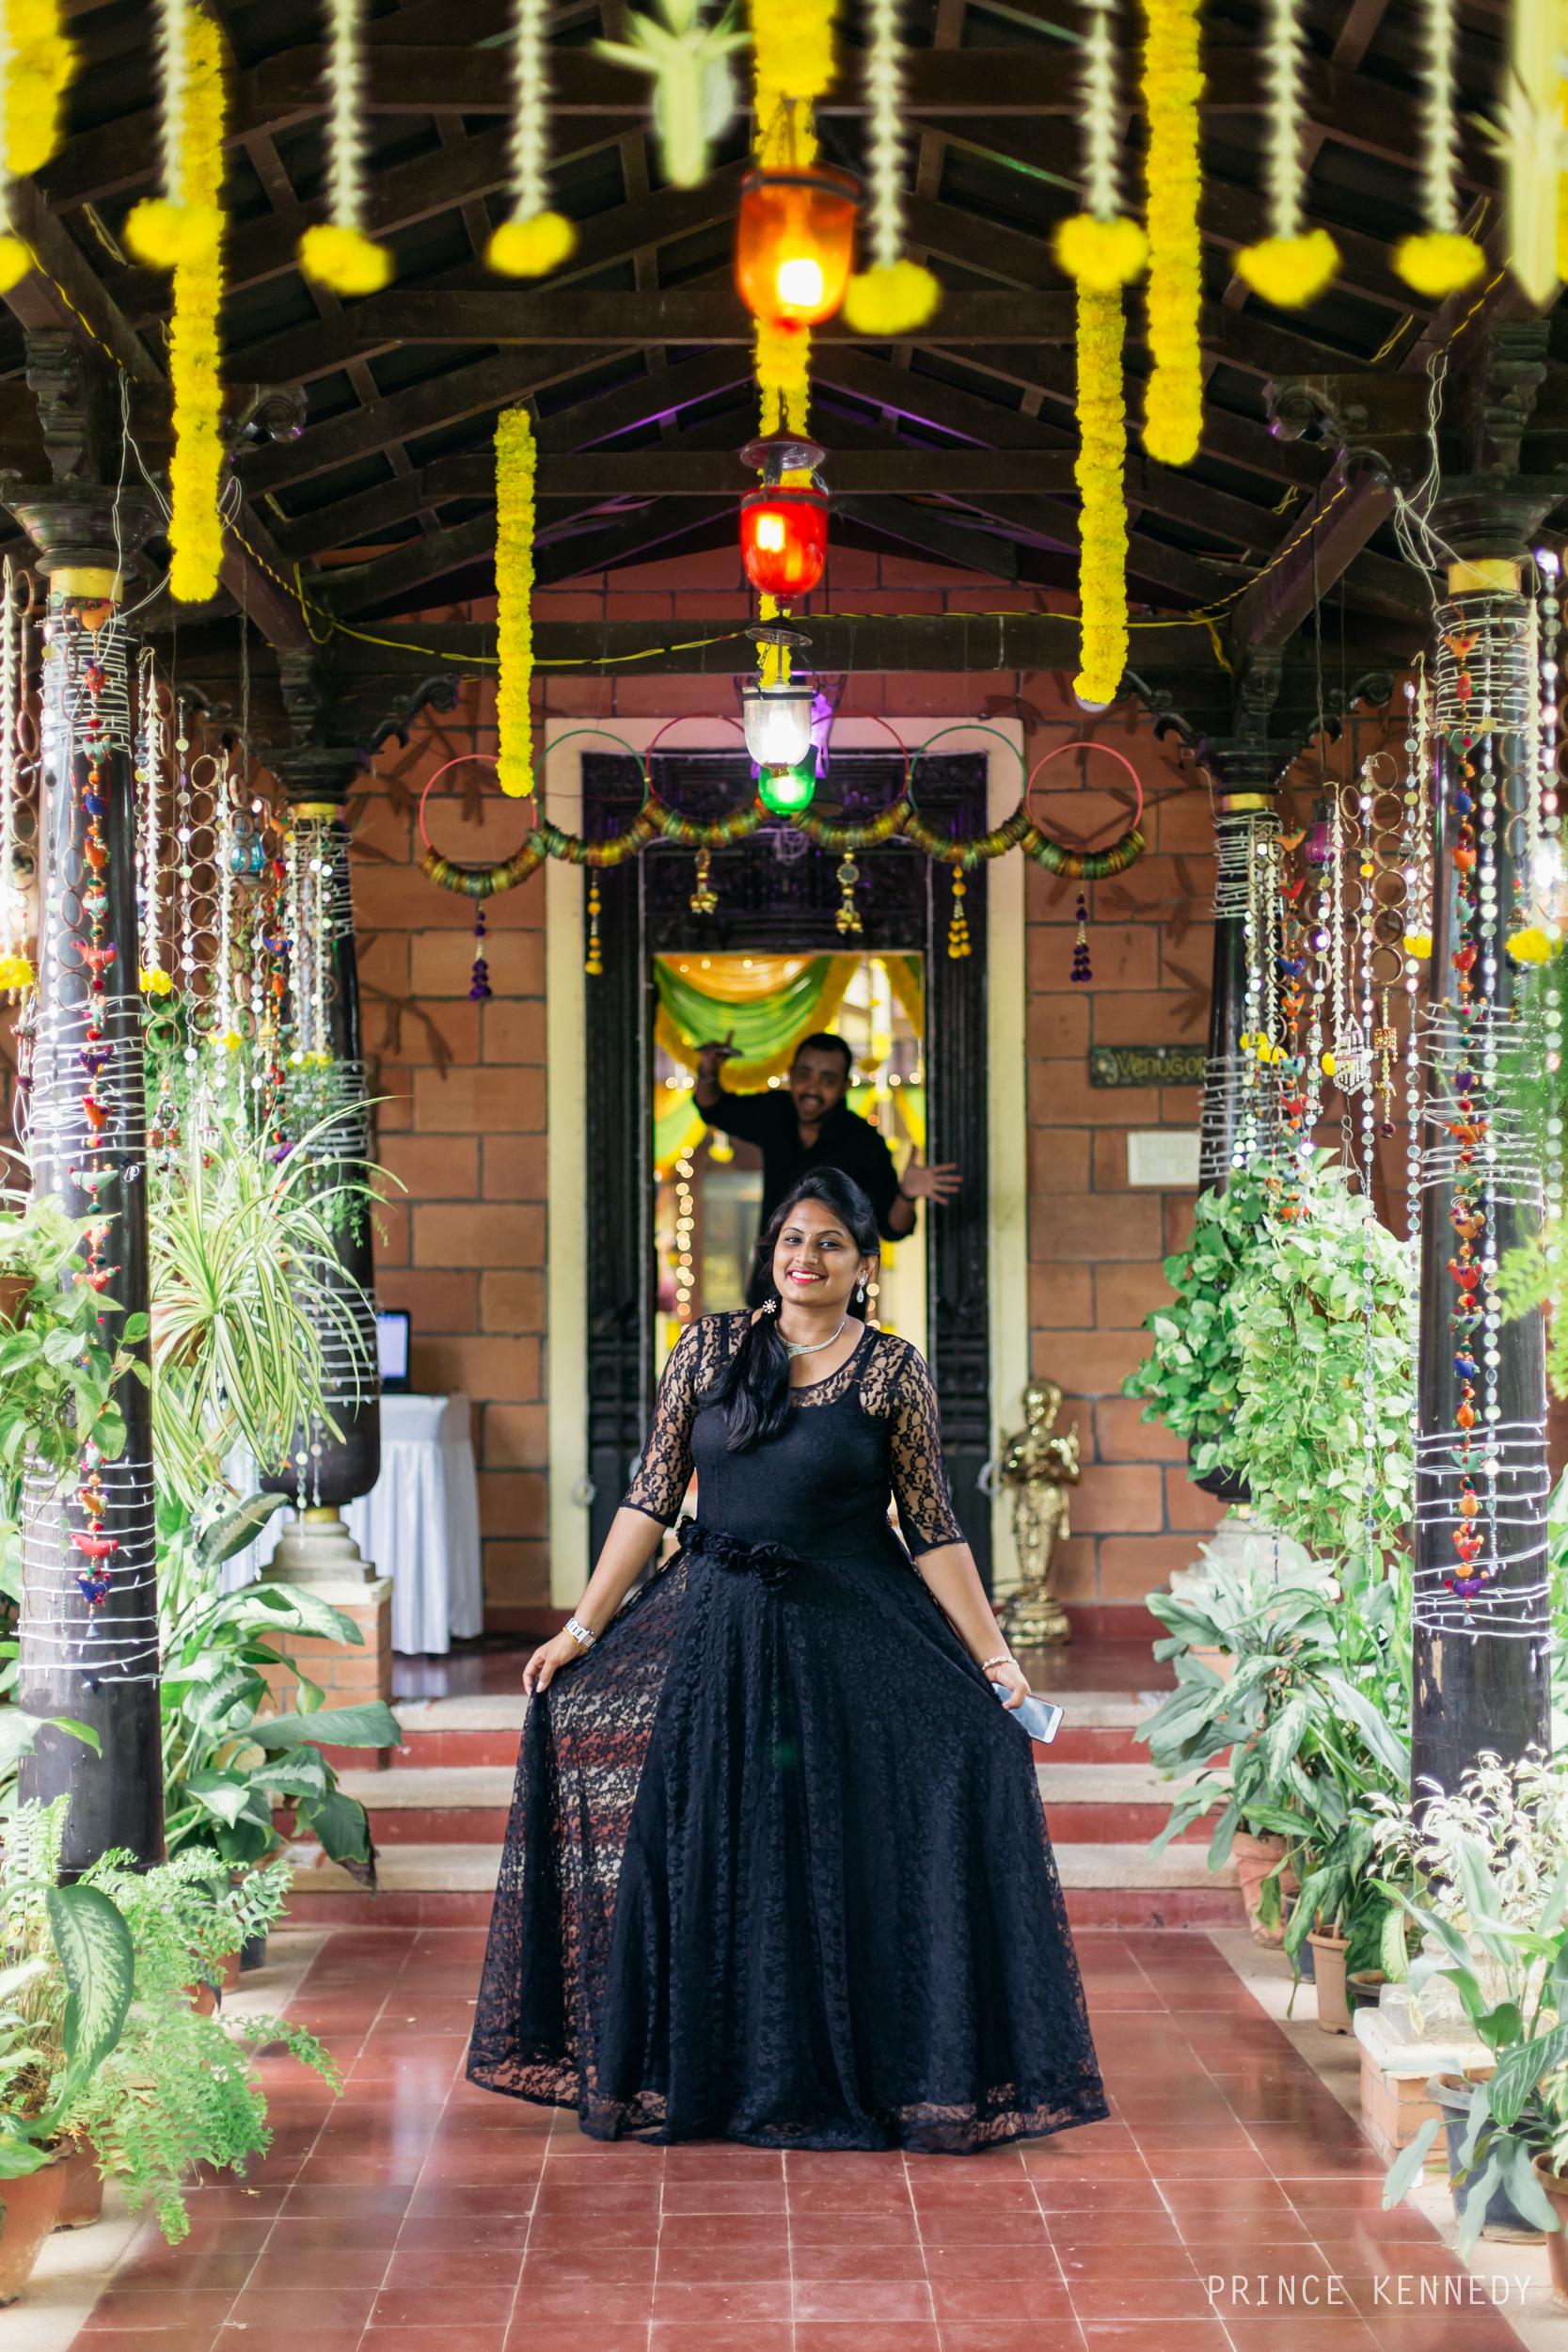 Engagement-Couple-Portrait-Portraiture-Wedding-Couple-Portrait-Chennai-Photographer-Candid-Photography-Destination-Best-Prince-Kennedy-Photography-91.jpg